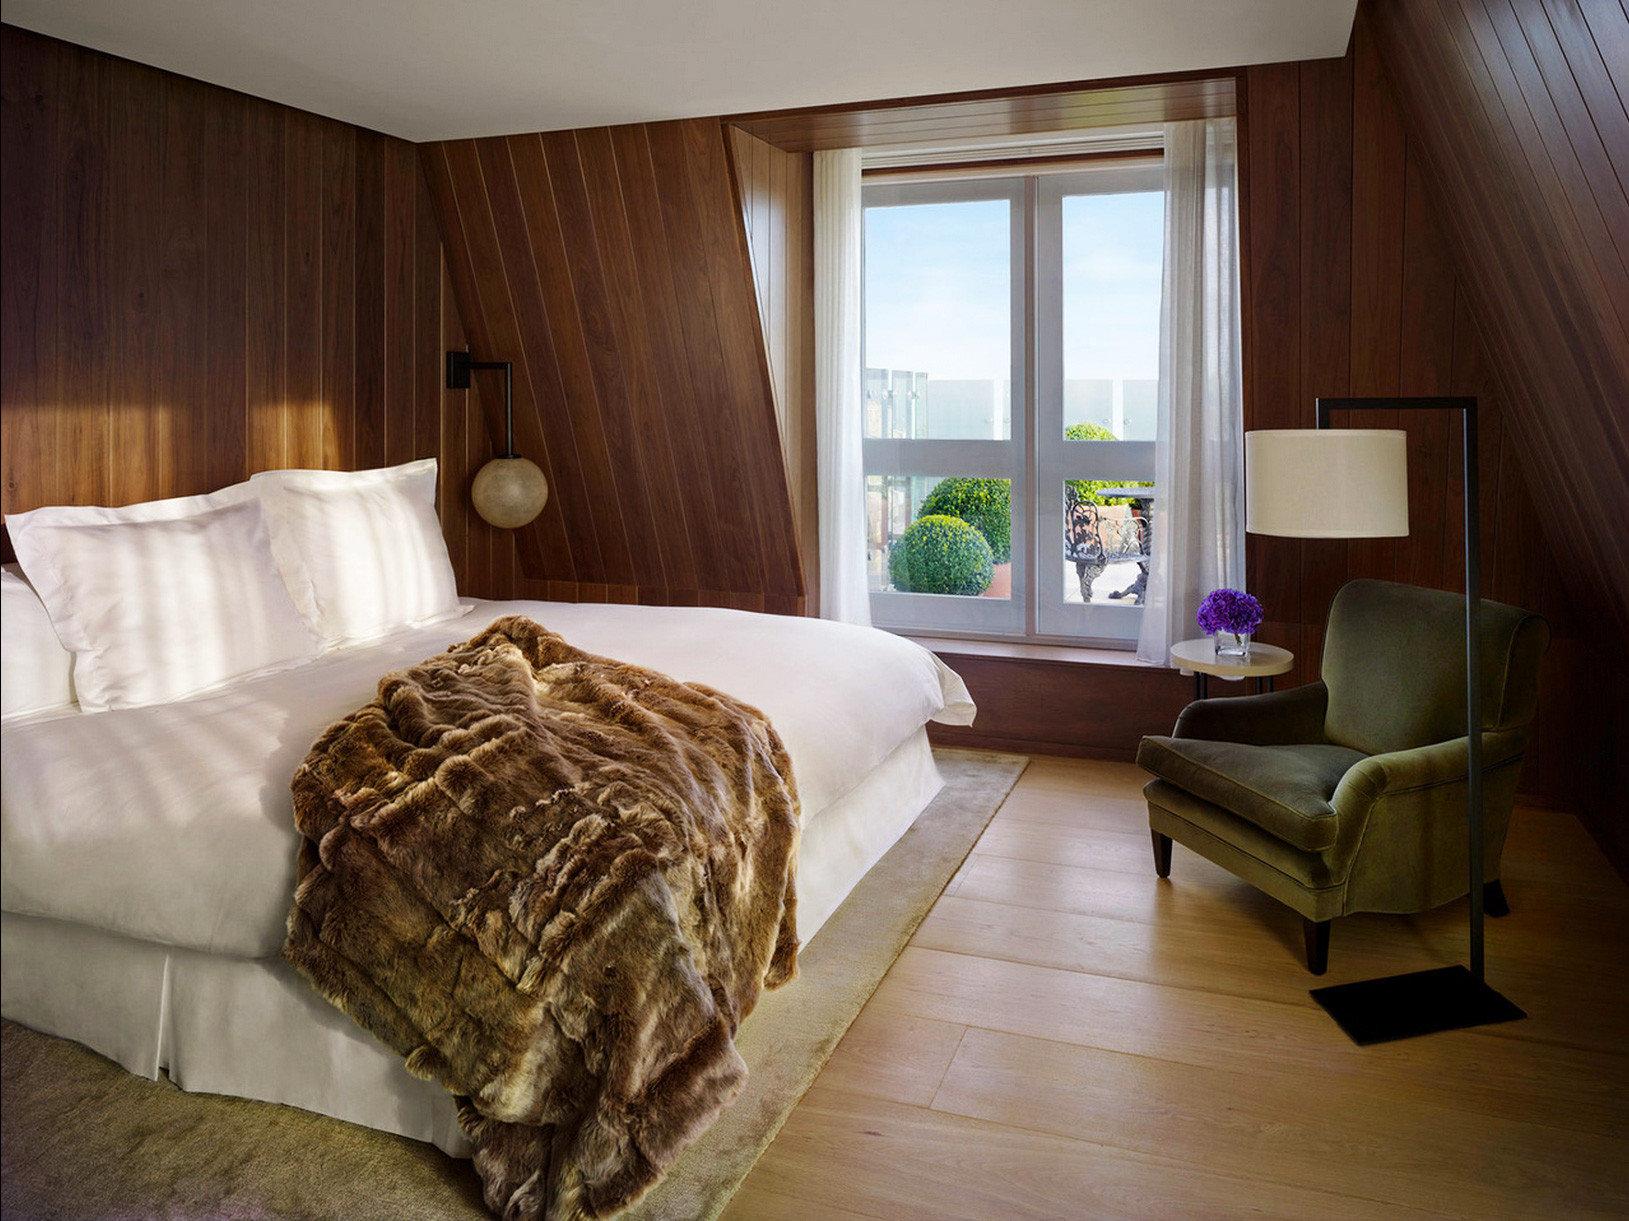 Bedroom Elegant Hip Hotels Luxury Modern Suite indoor floor wall bed room property house home hardwood cottage furniture estate interior design real estate bed sheet apartment